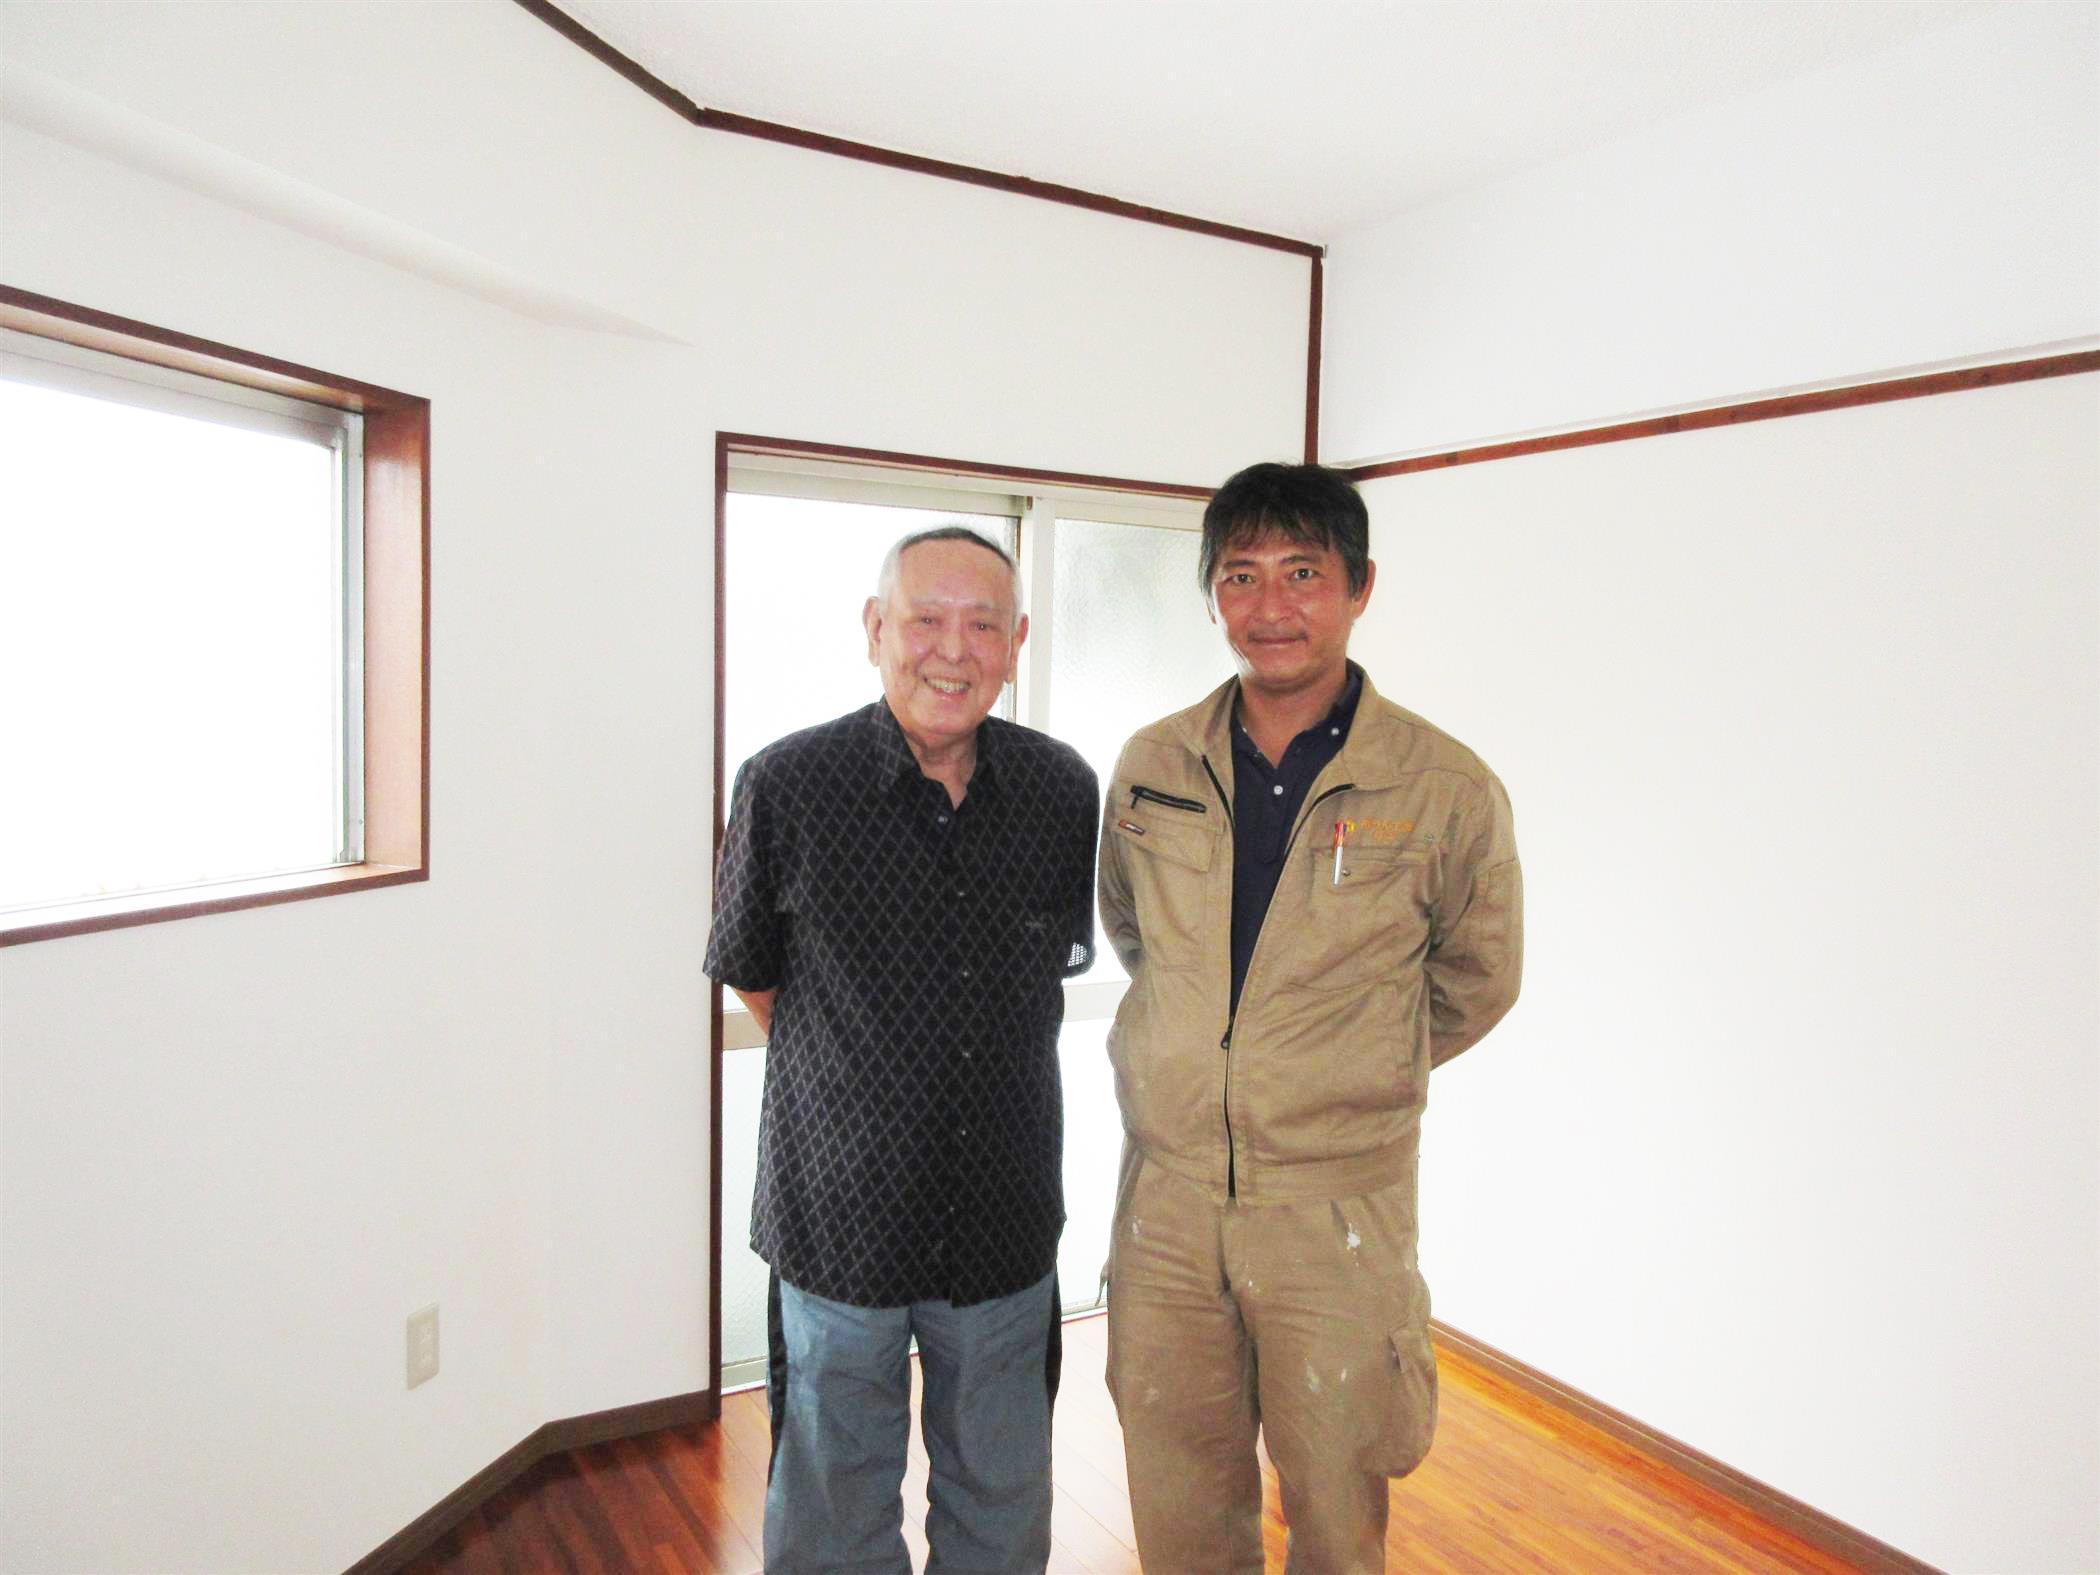 沖縄・那覇のリフォーム 実際のお客様の写真:泊アパート改装工事